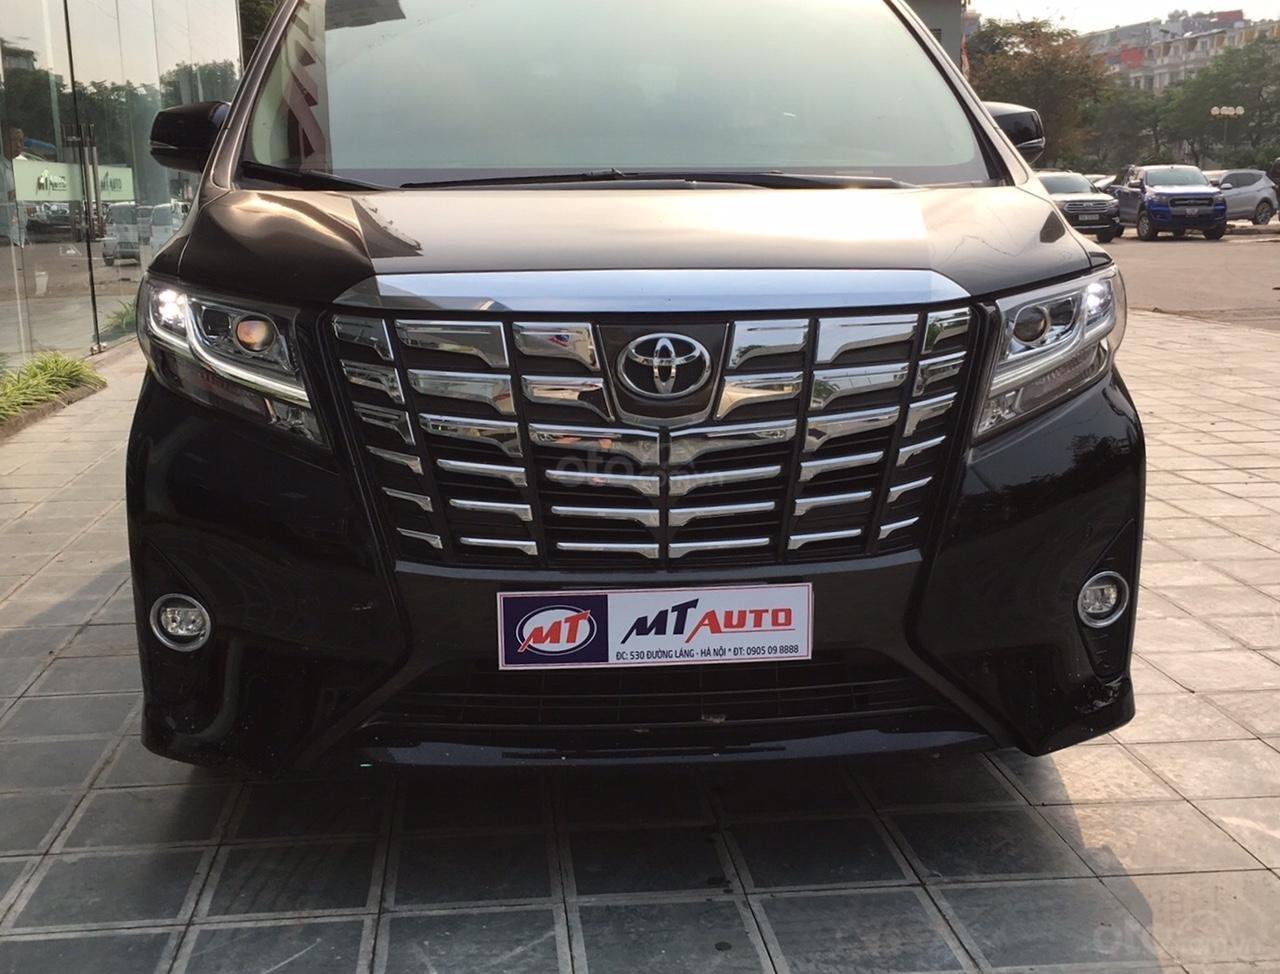 Bán xe Toyota Alphard Excutive Lou 2017, màu đen, nhập khẩu. LH em Hương 0945392468 (1)